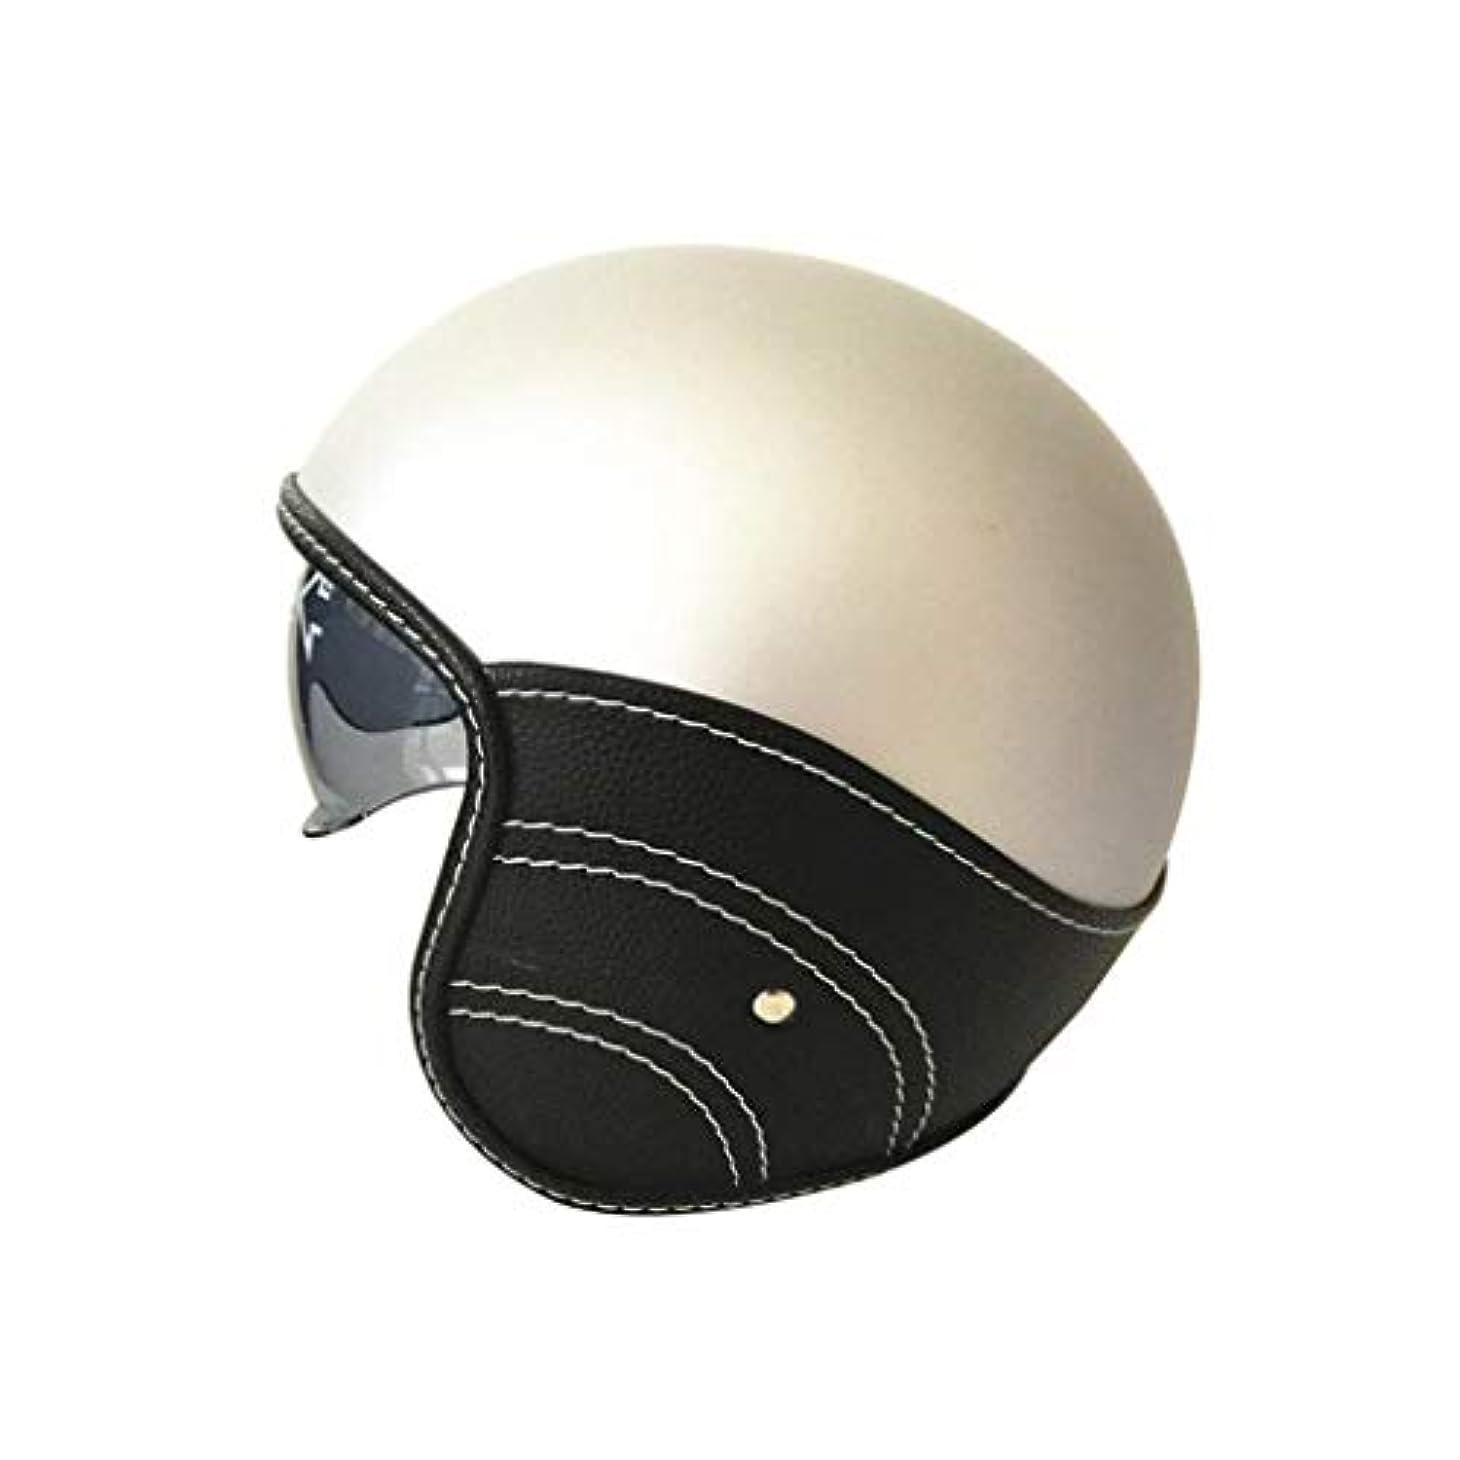 圧倒する火山乏しいオートバイヘルメット、レトロオートサイクルヘルメット男性女性オールラウンドサイクリングヘルメットモト電気自動車ハーフヘルメットドット標準 ヘルメット